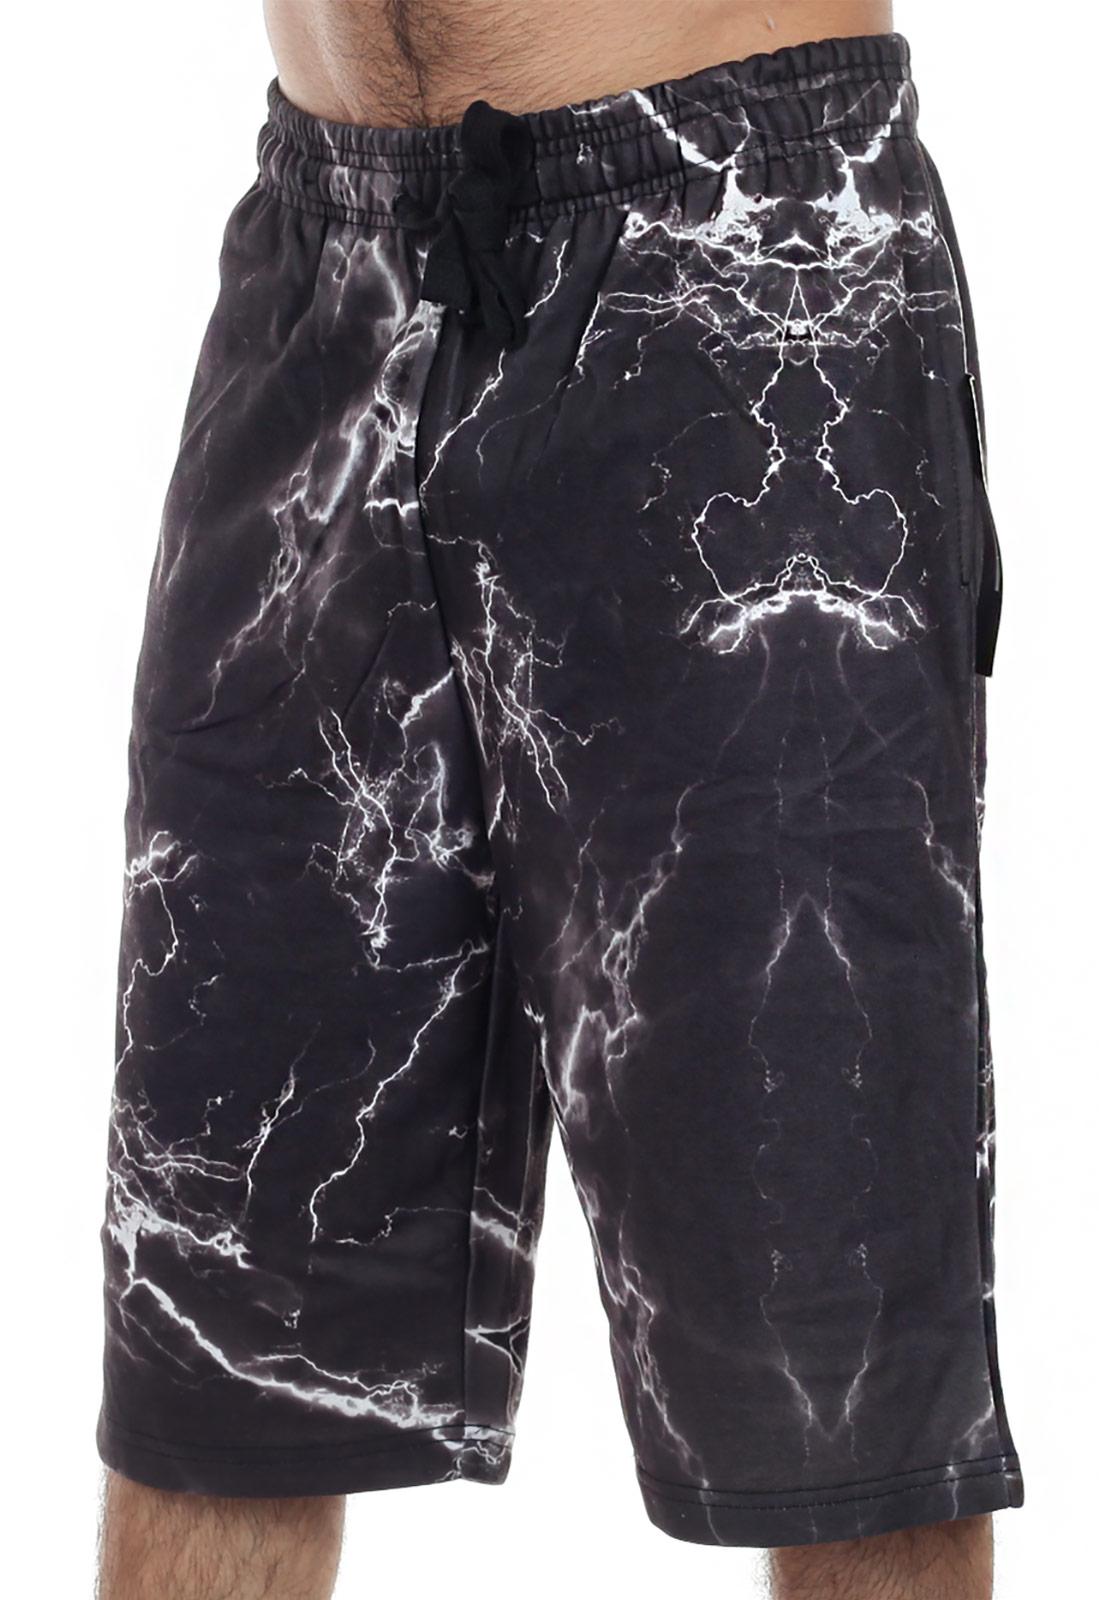 Купить в интернет магазине Москвы мужские шорты на резинке